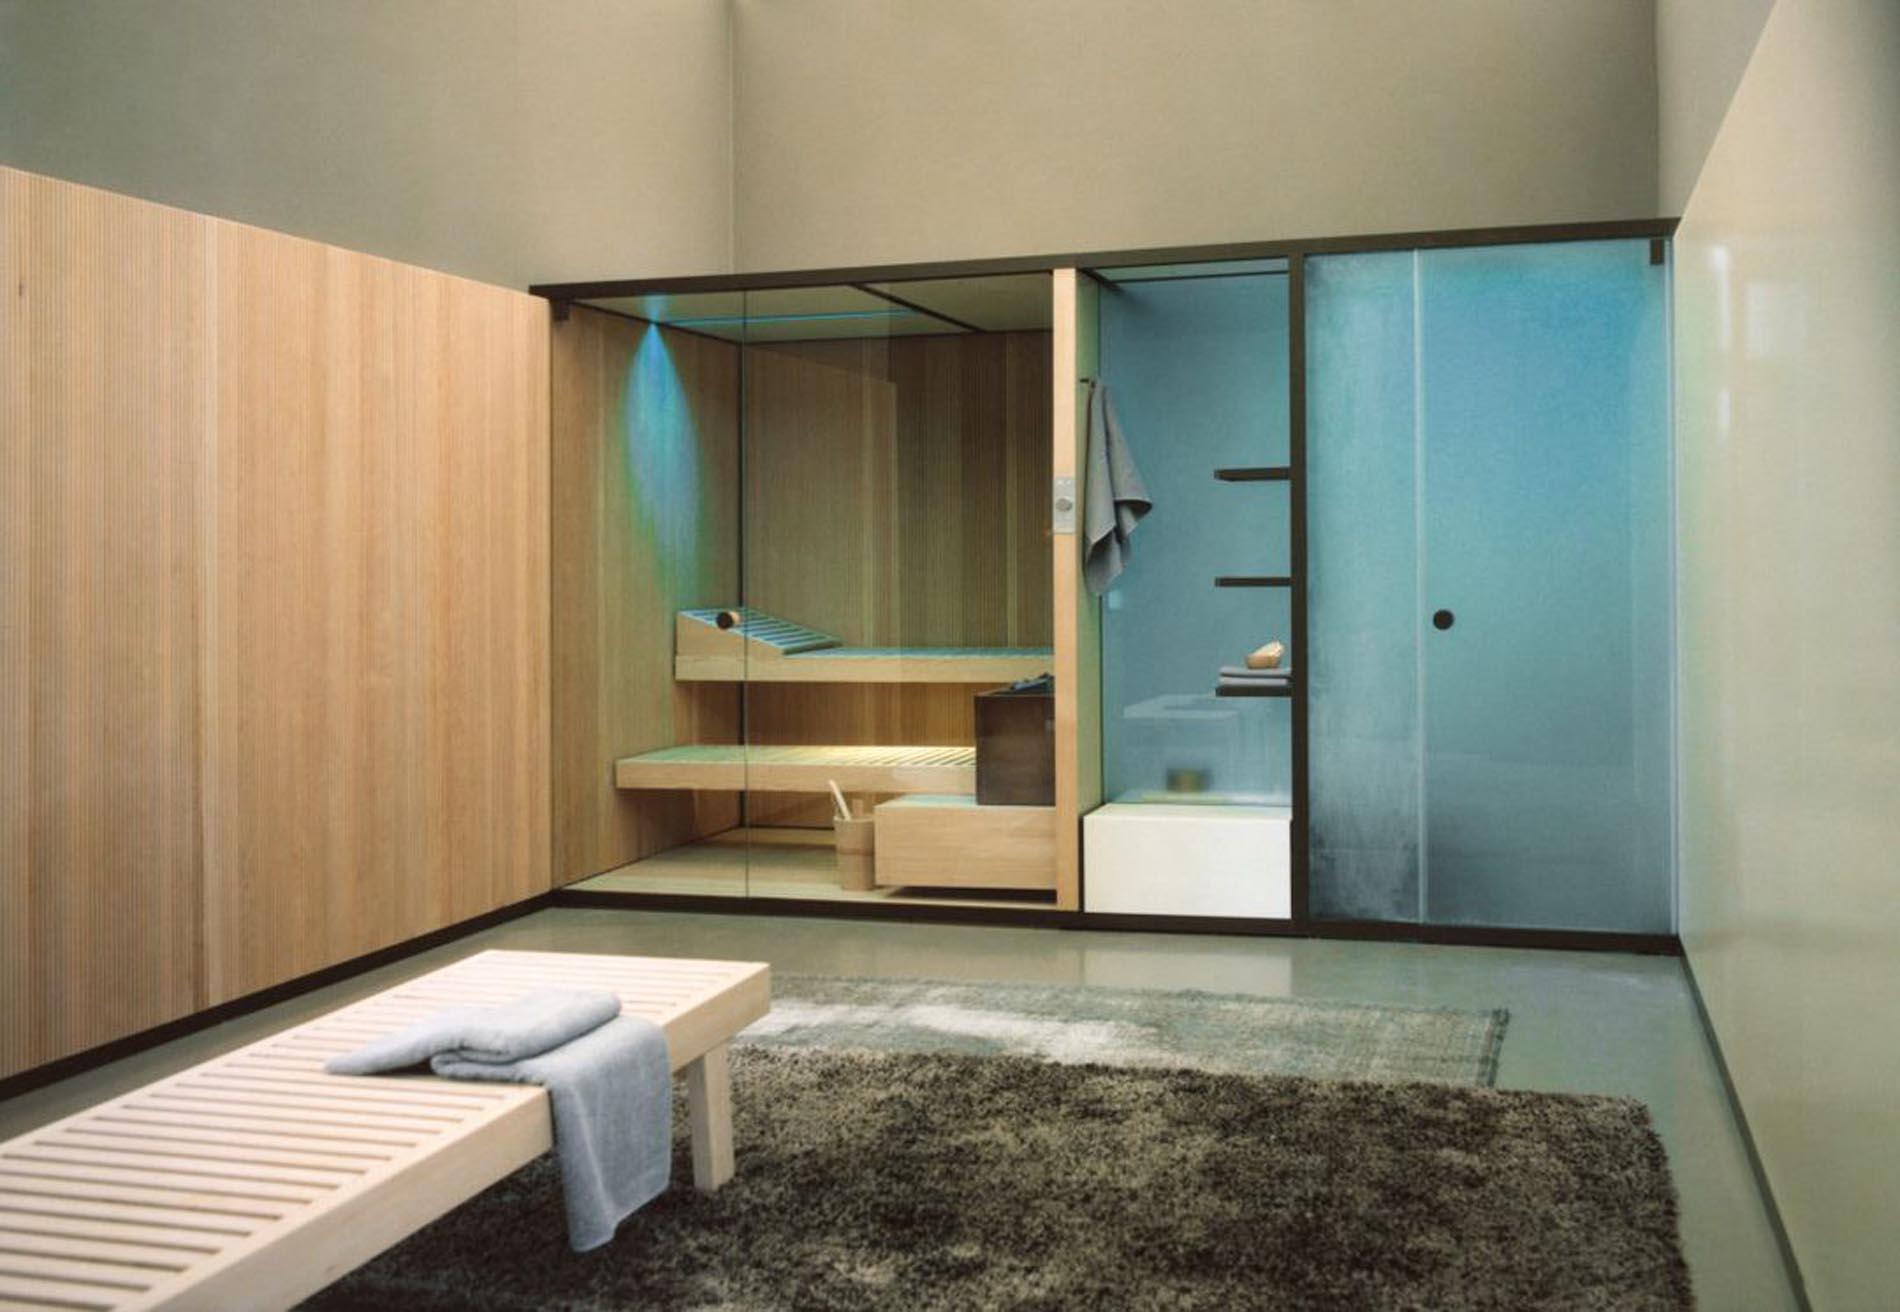 Sauna, baño turco y ducha de Effegibi ya disponible en Barcelona